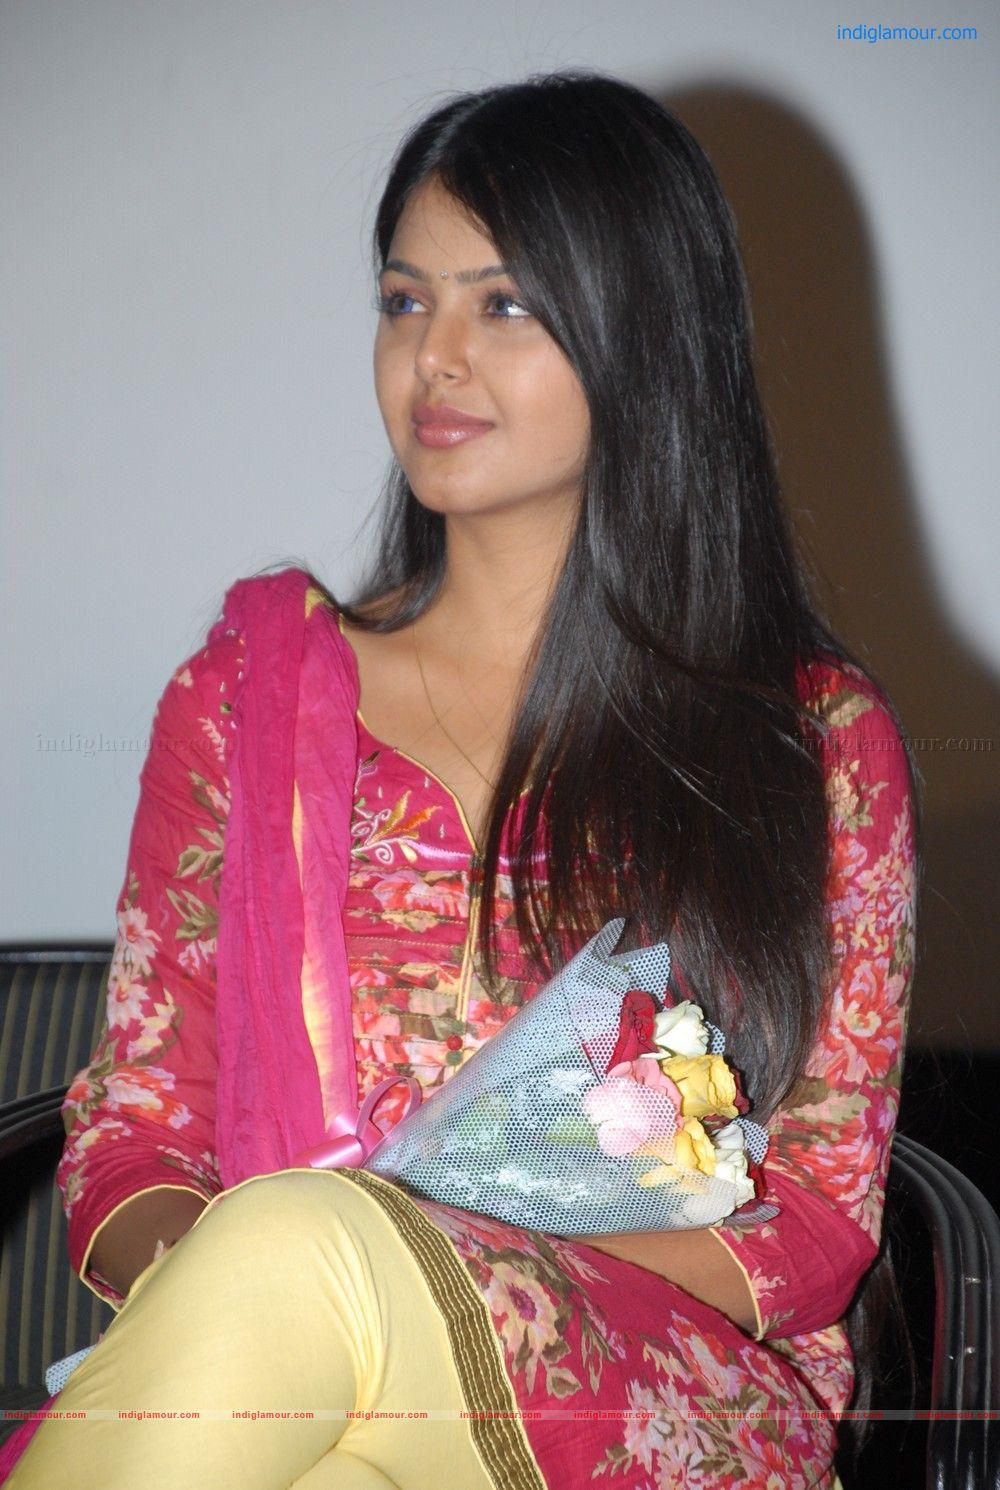 Monal Gajjar Actress Photos Stills Images Pictures And